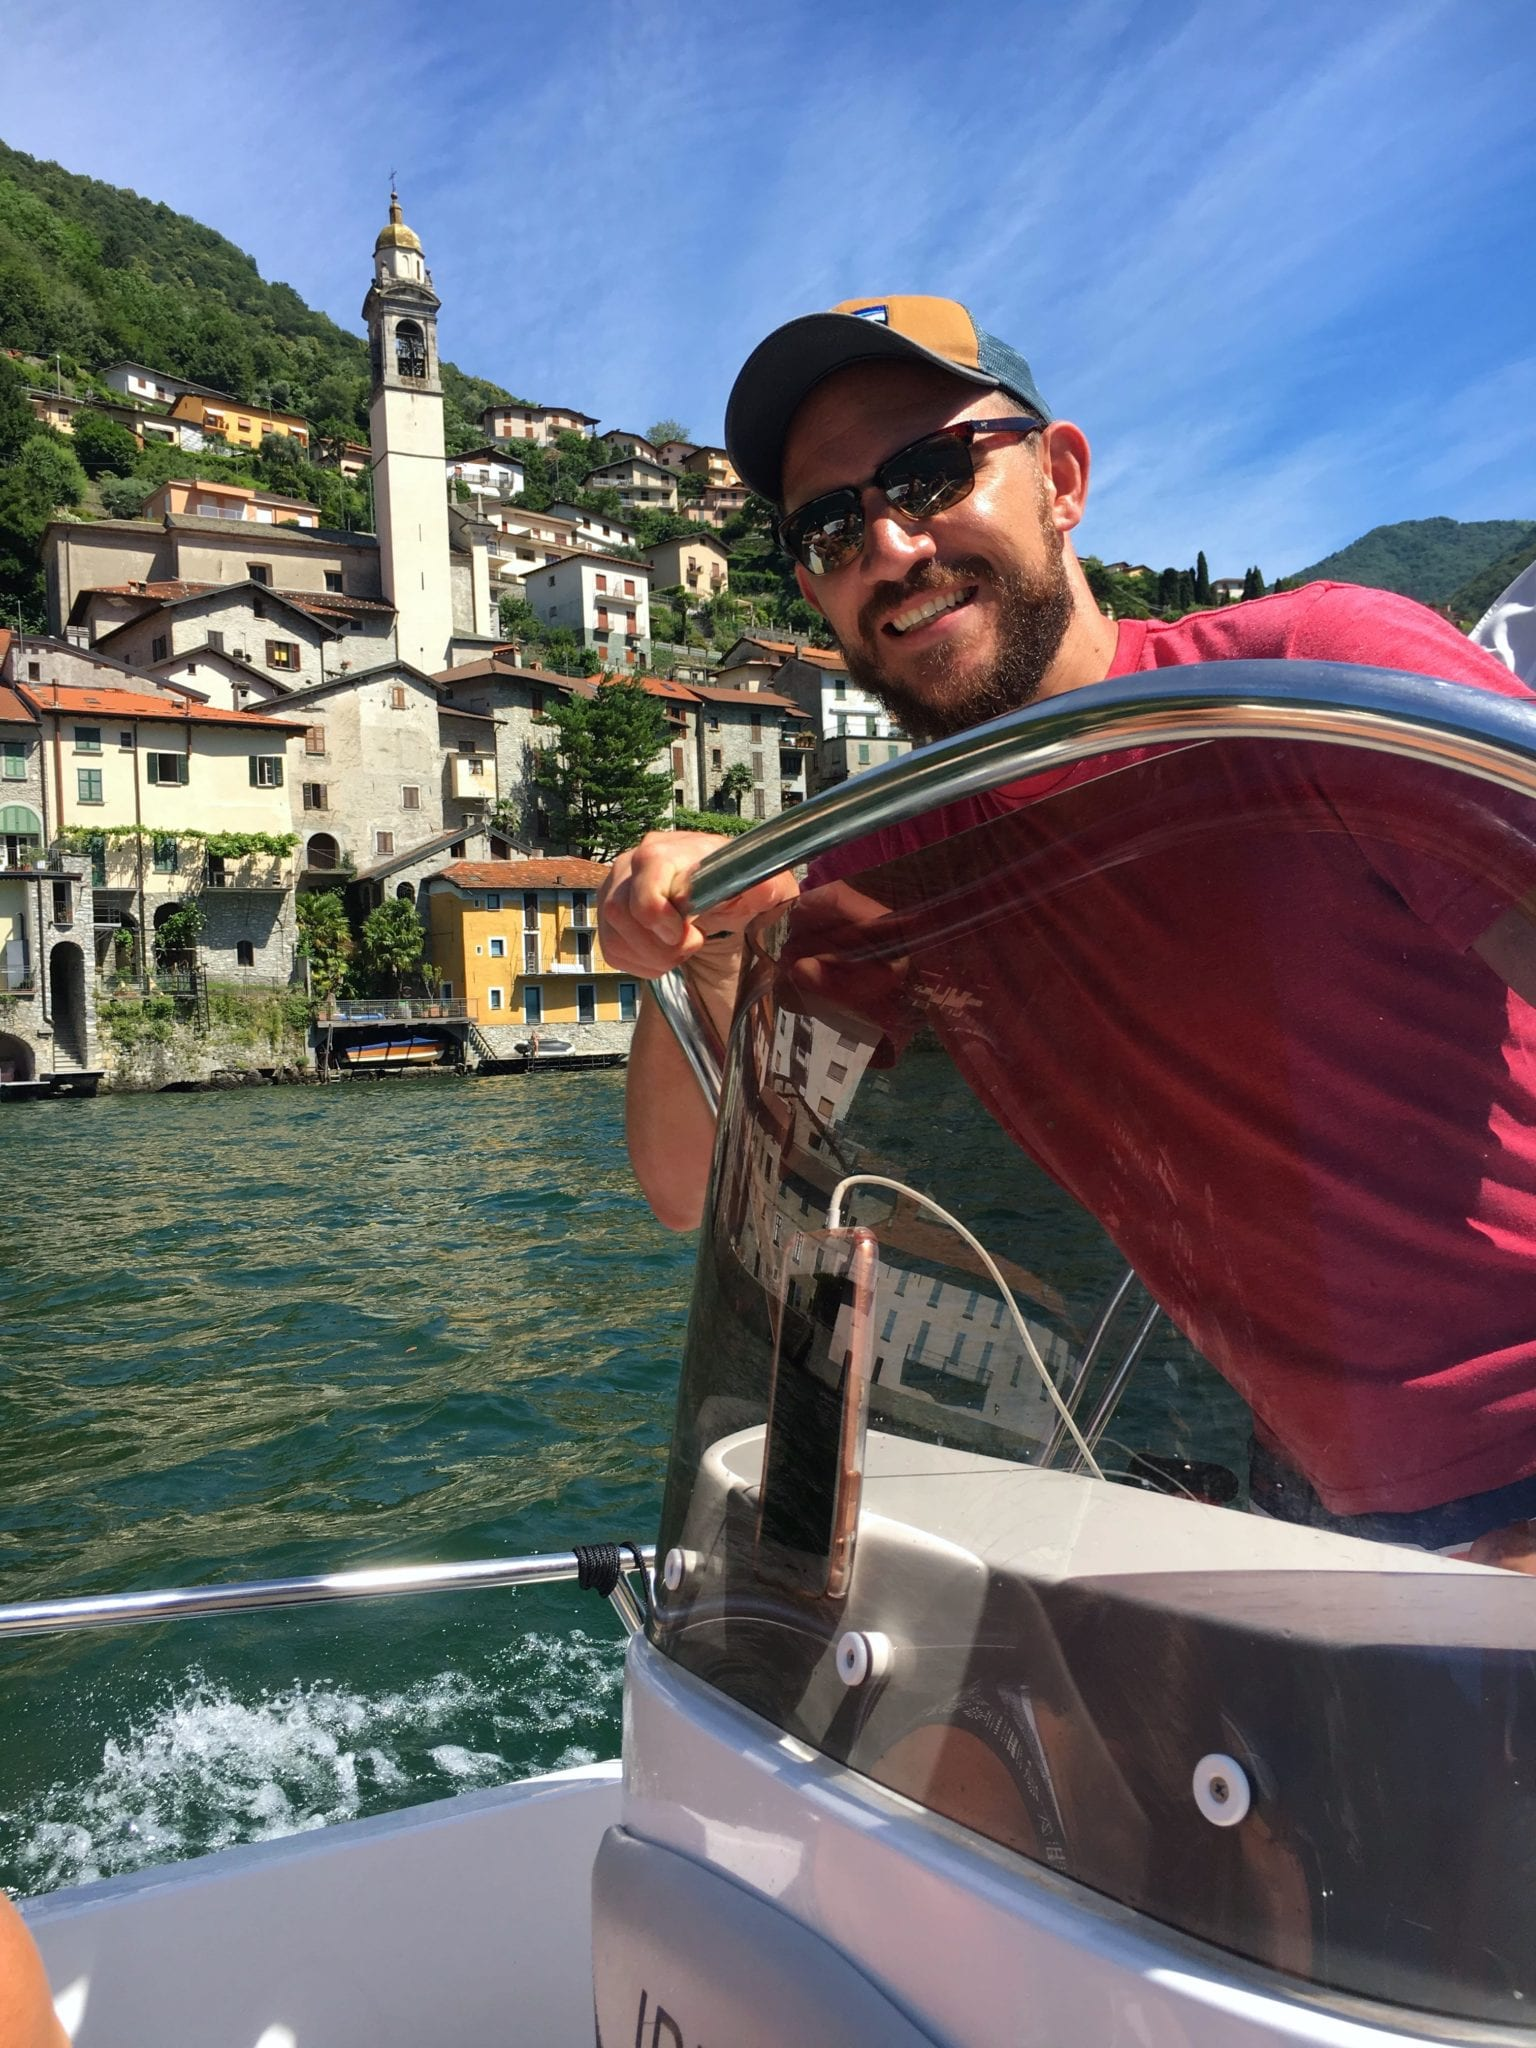 Boat rental around Lake Como